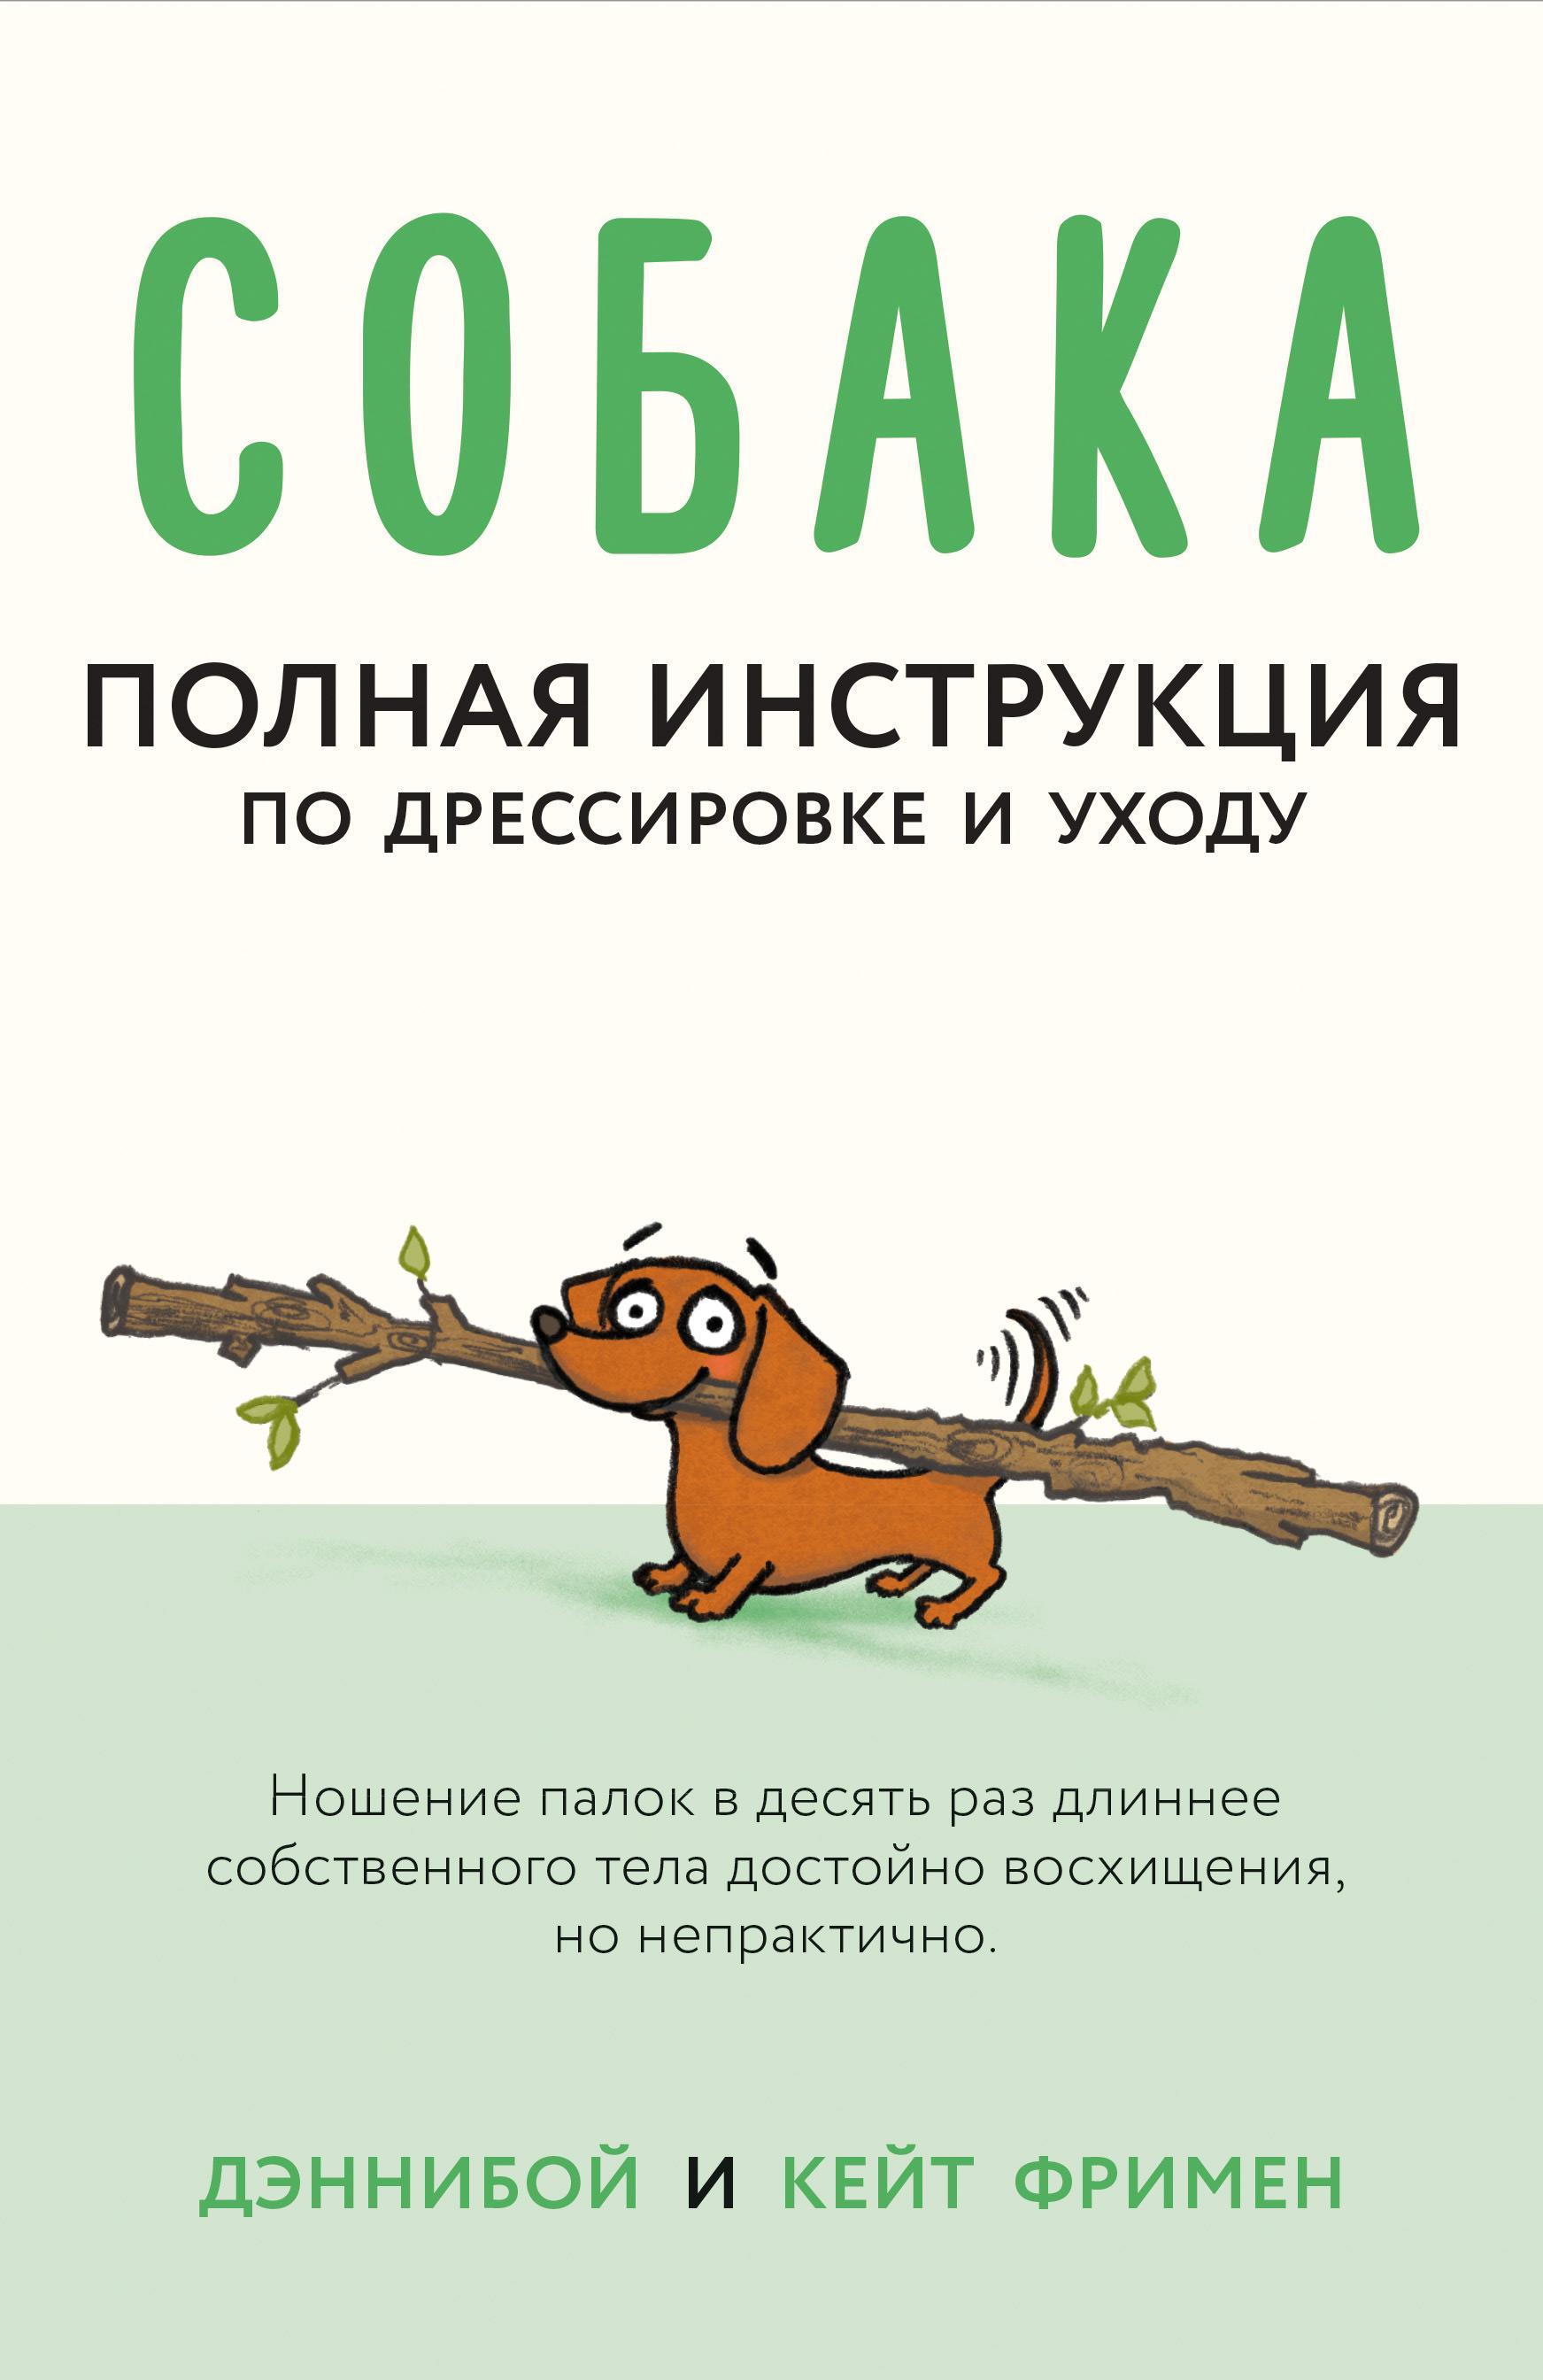 Кейт Фримен Собака. Полная инструкция по дрессировке и уходу